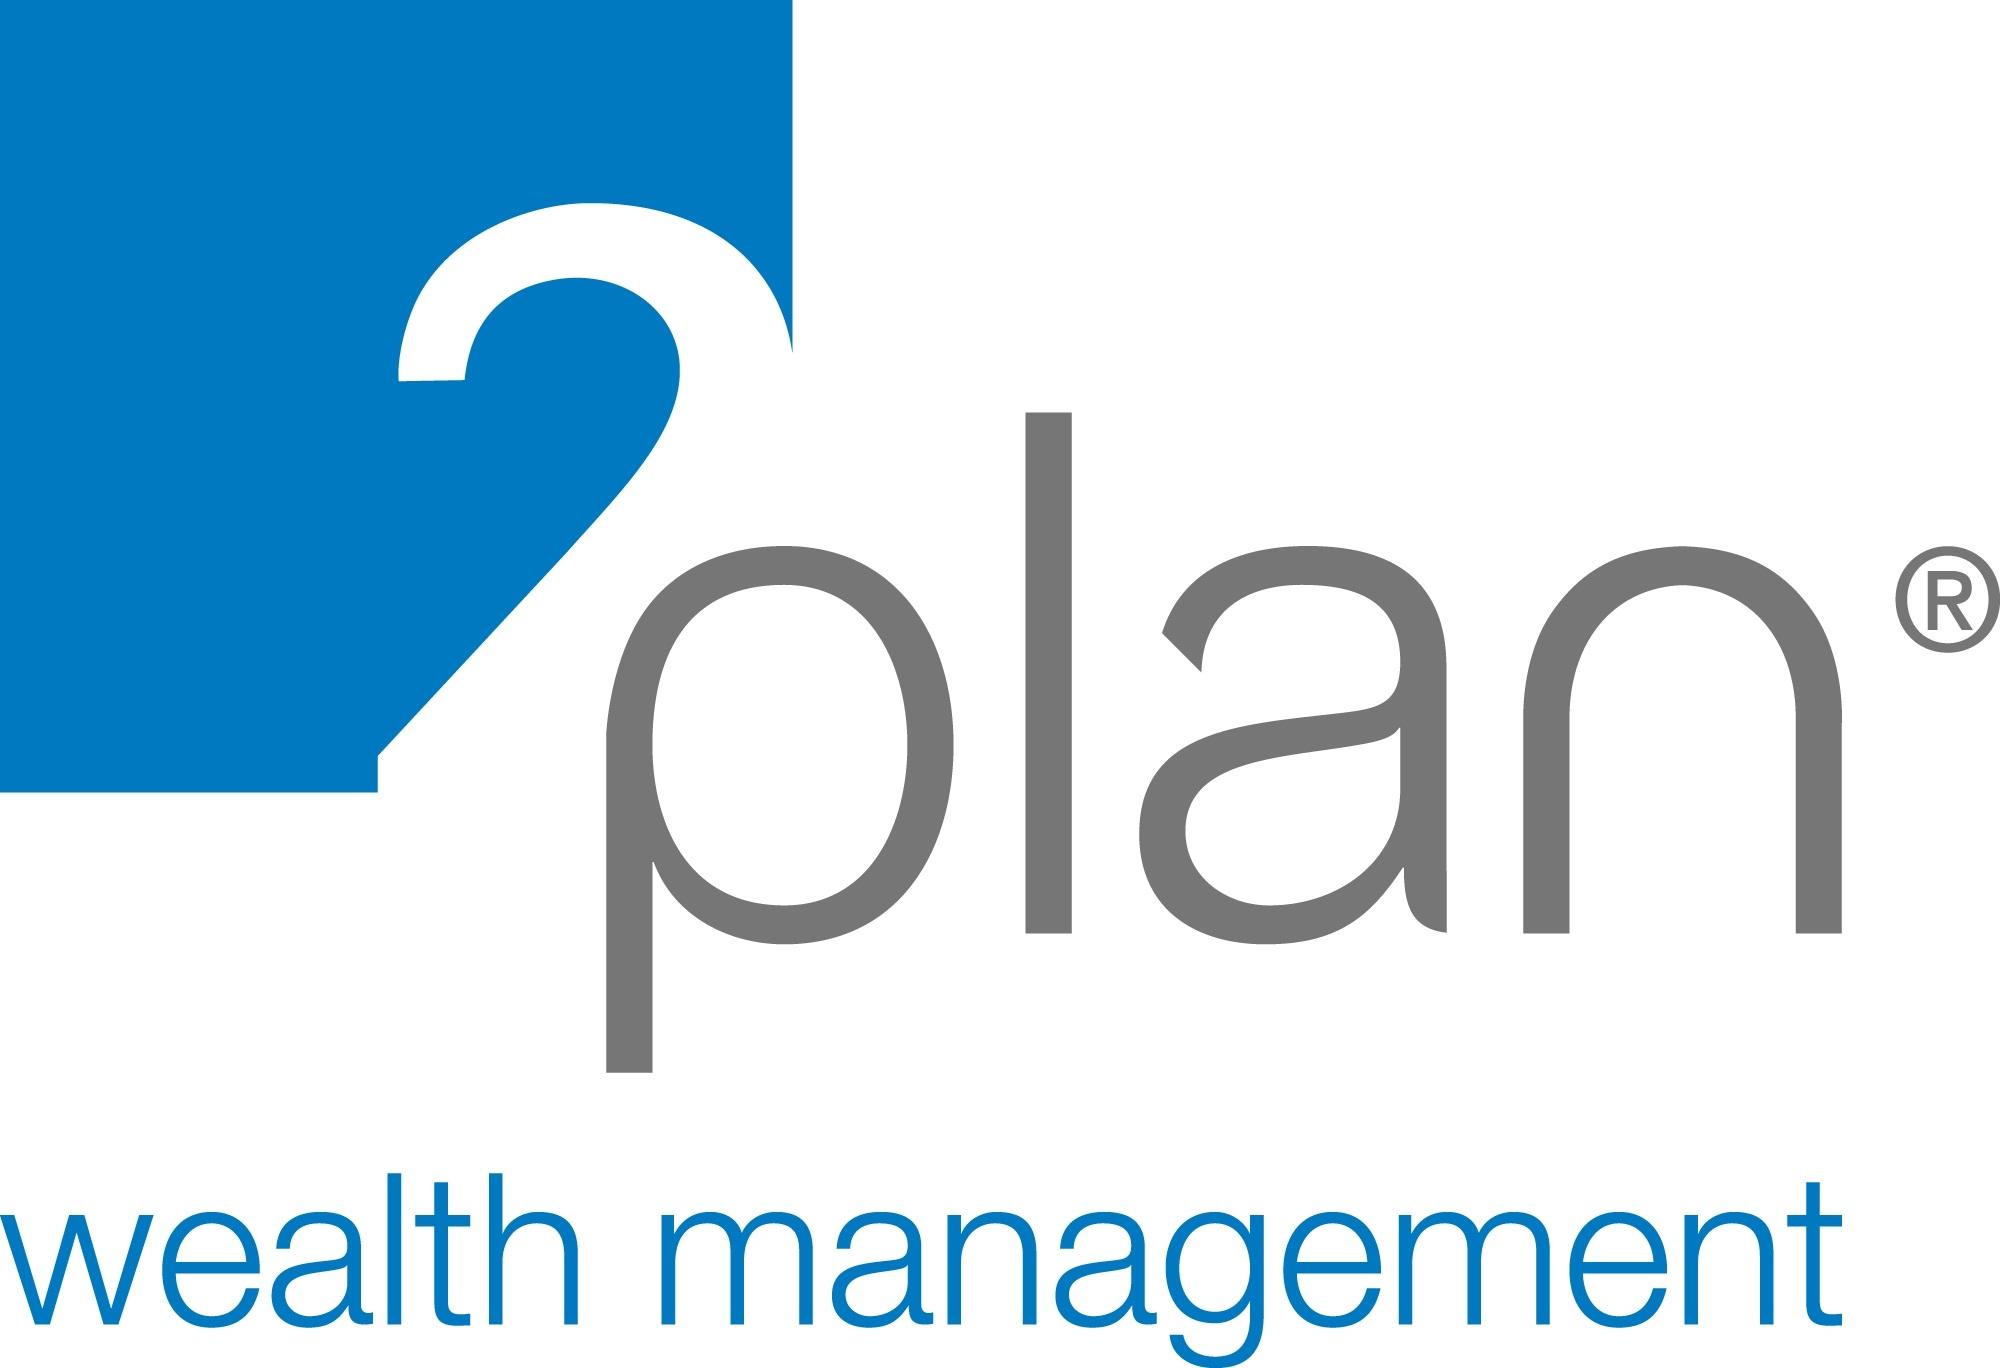 Andrew Hardaker - 2plan wealth management